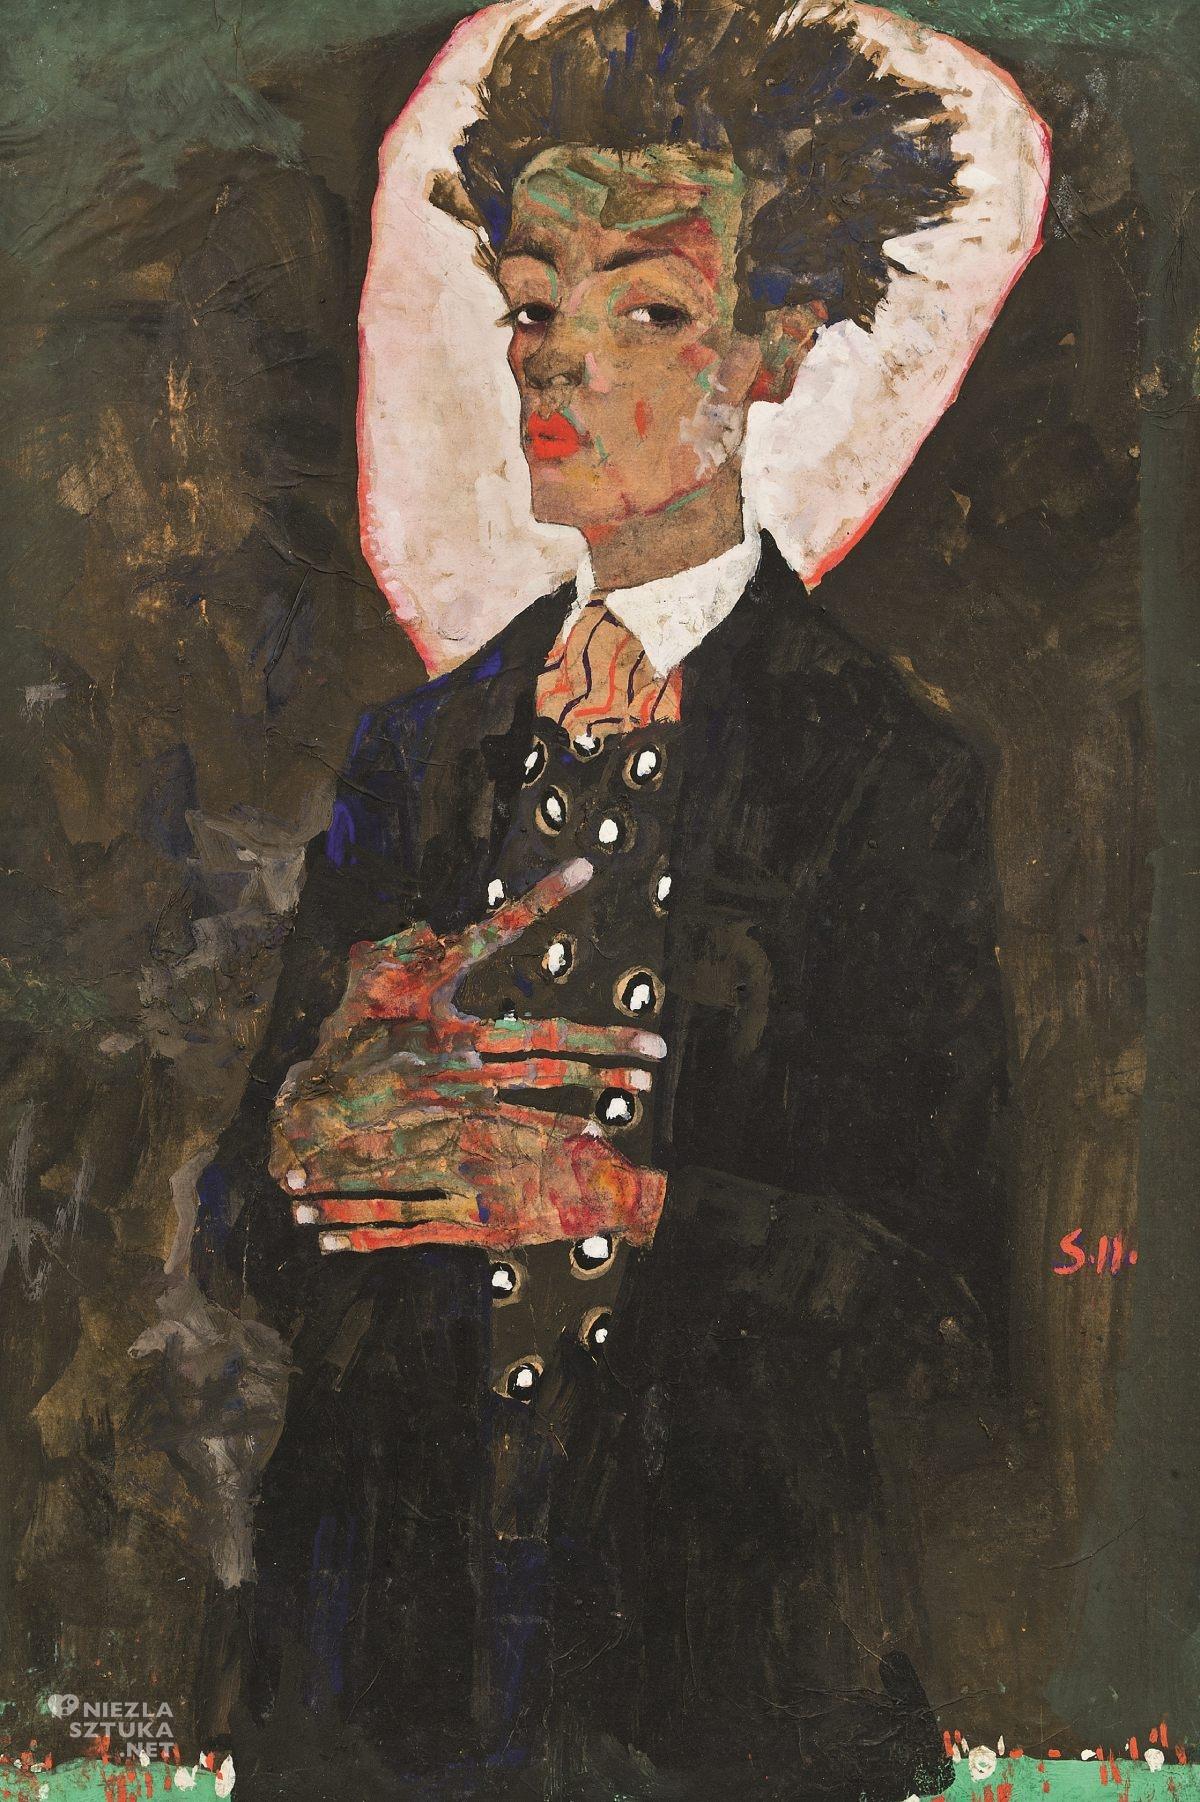 Egon Schiele, Autoportret w kamizelce, sztuka austriacka, Niezła Sztuka